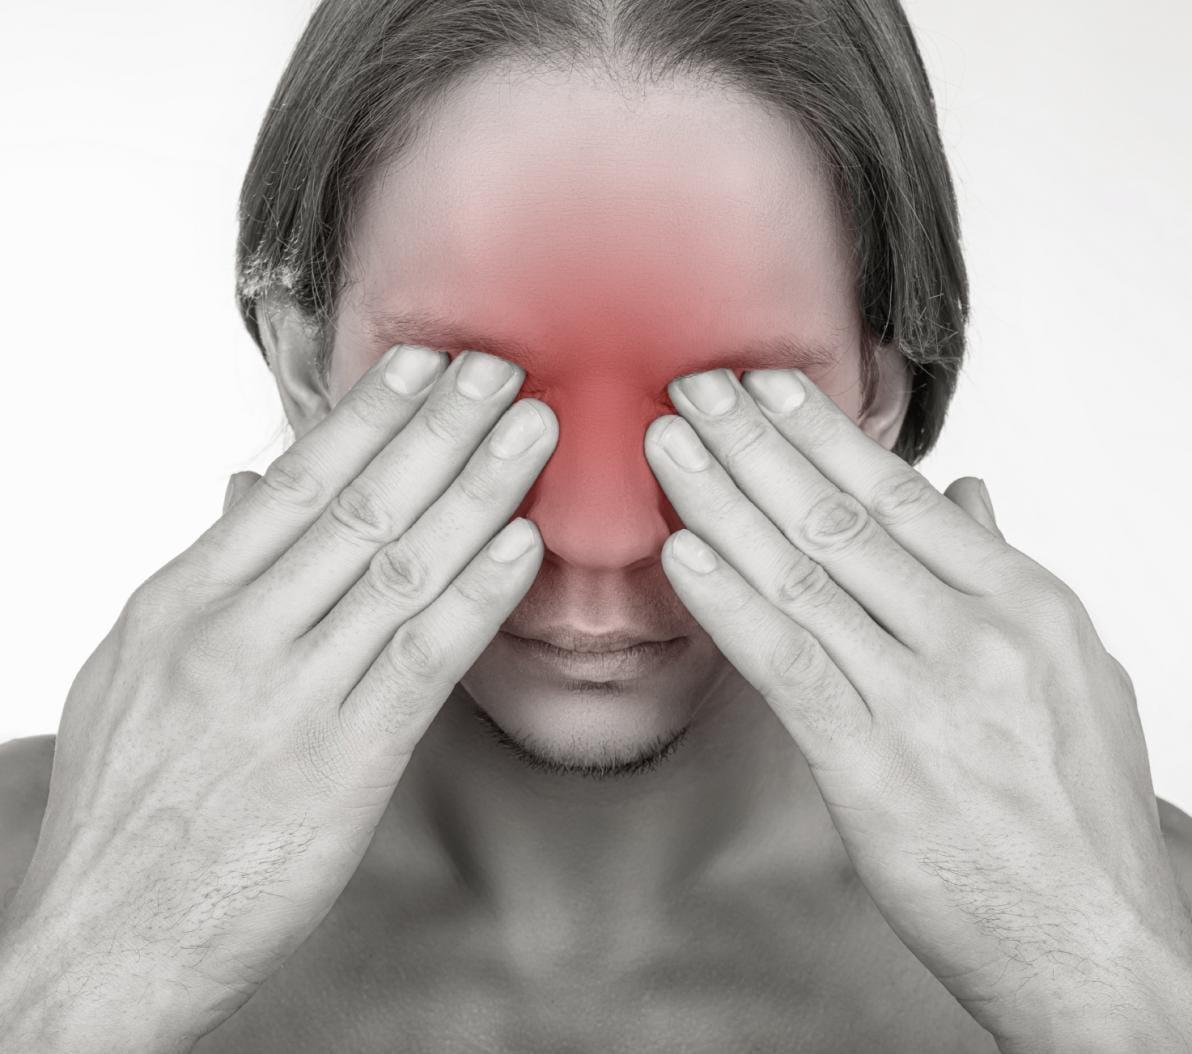 Dolore agli occhi